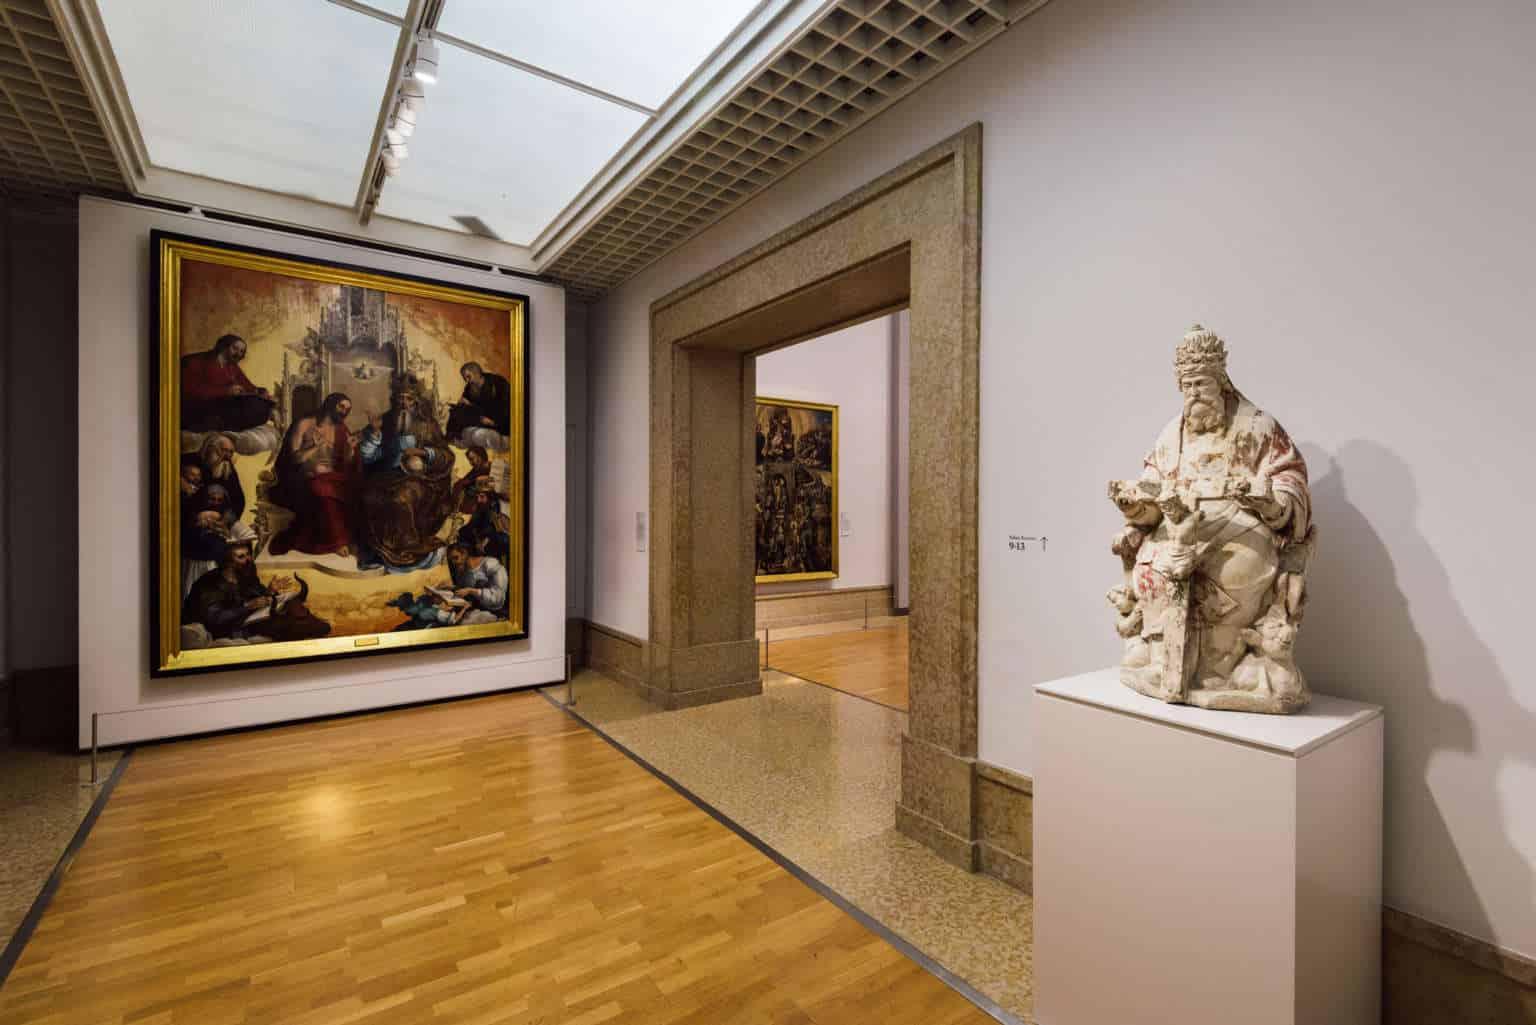 Muzeum Sztuki Antycznej w Lizbonie